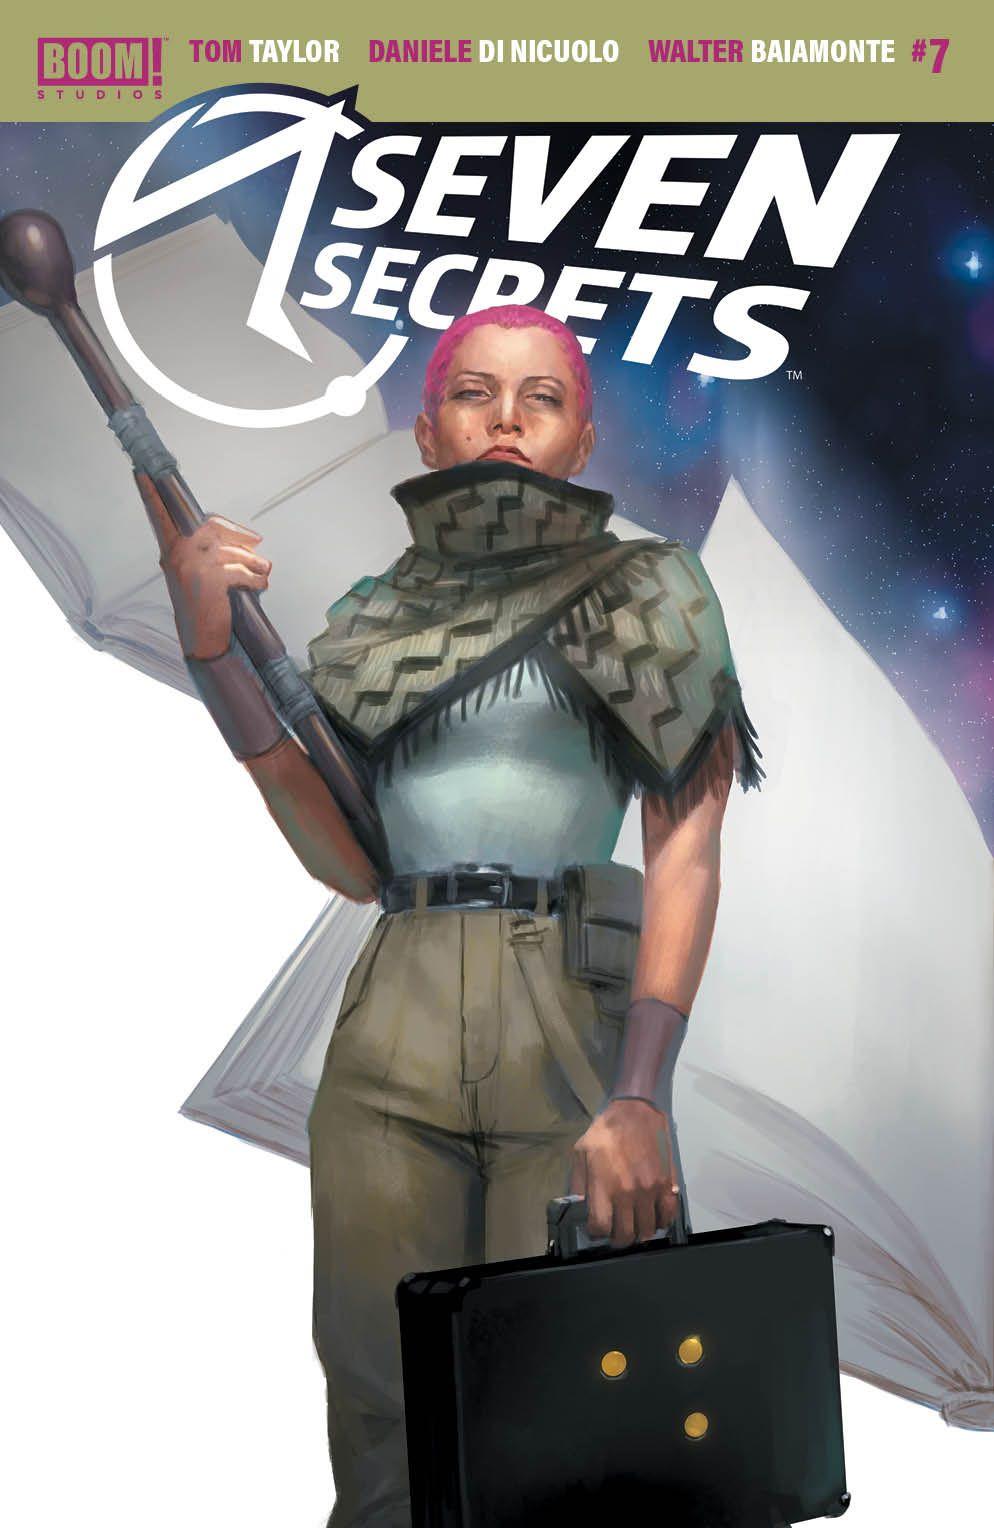 SevenSecrets_007_Cover_C_Connecting ComicList Previews: SEVEN SECRETS #7